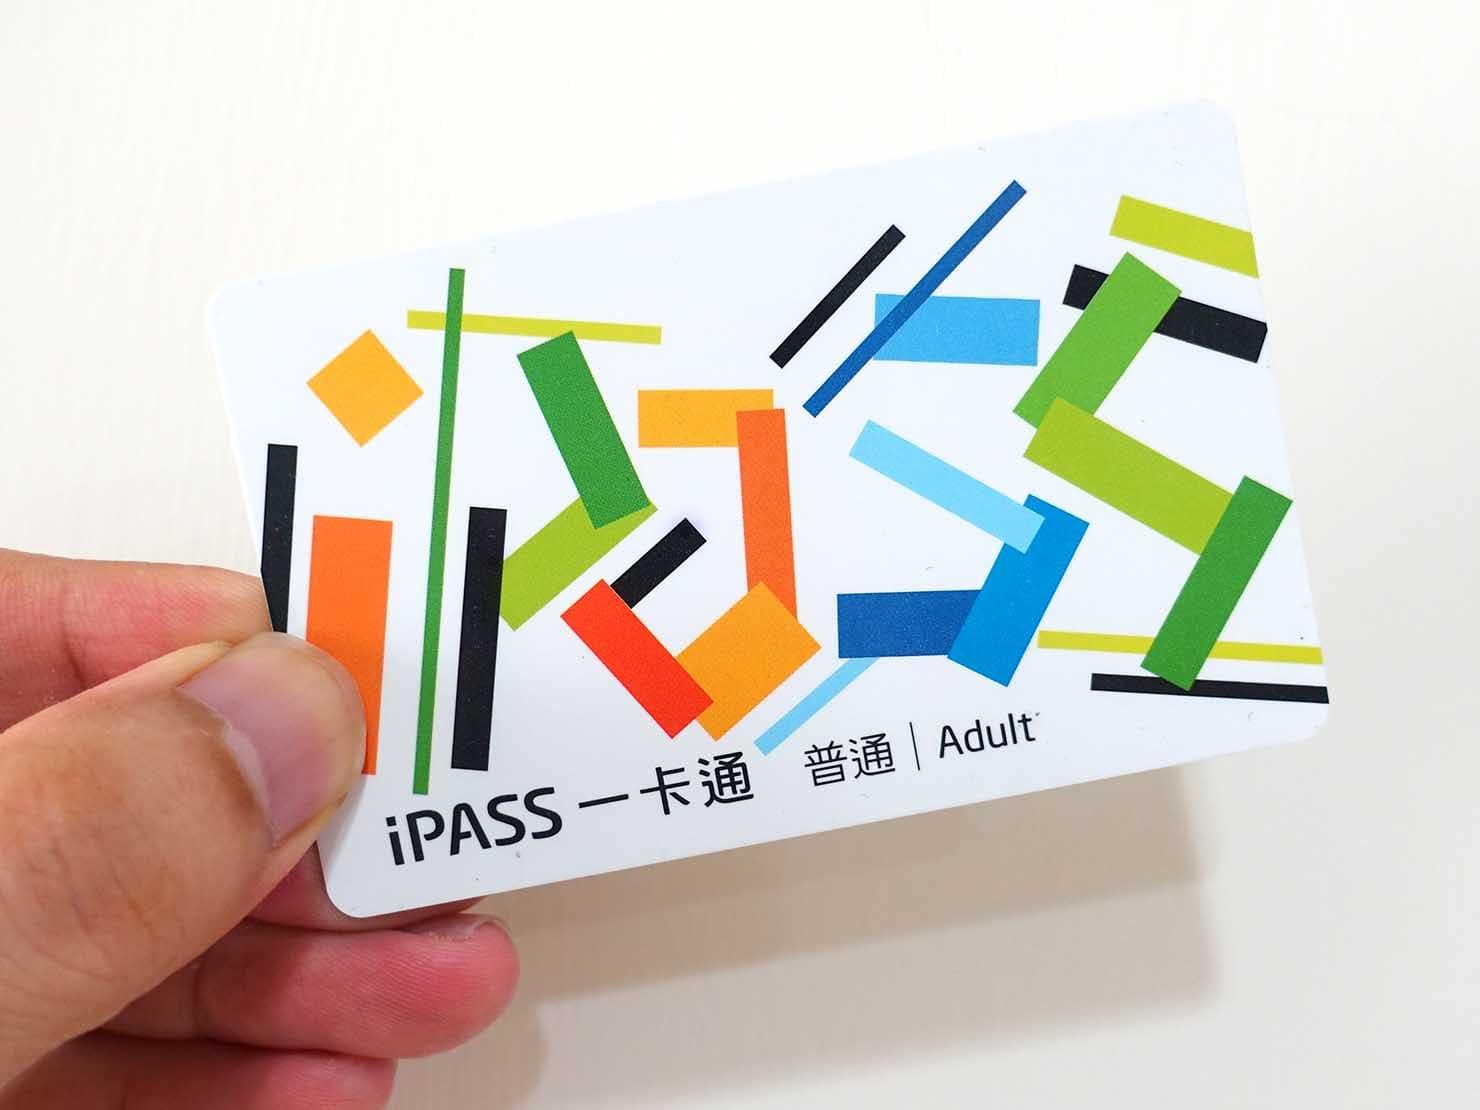 高雄の交通ICカード「一卡通(iPASS)」